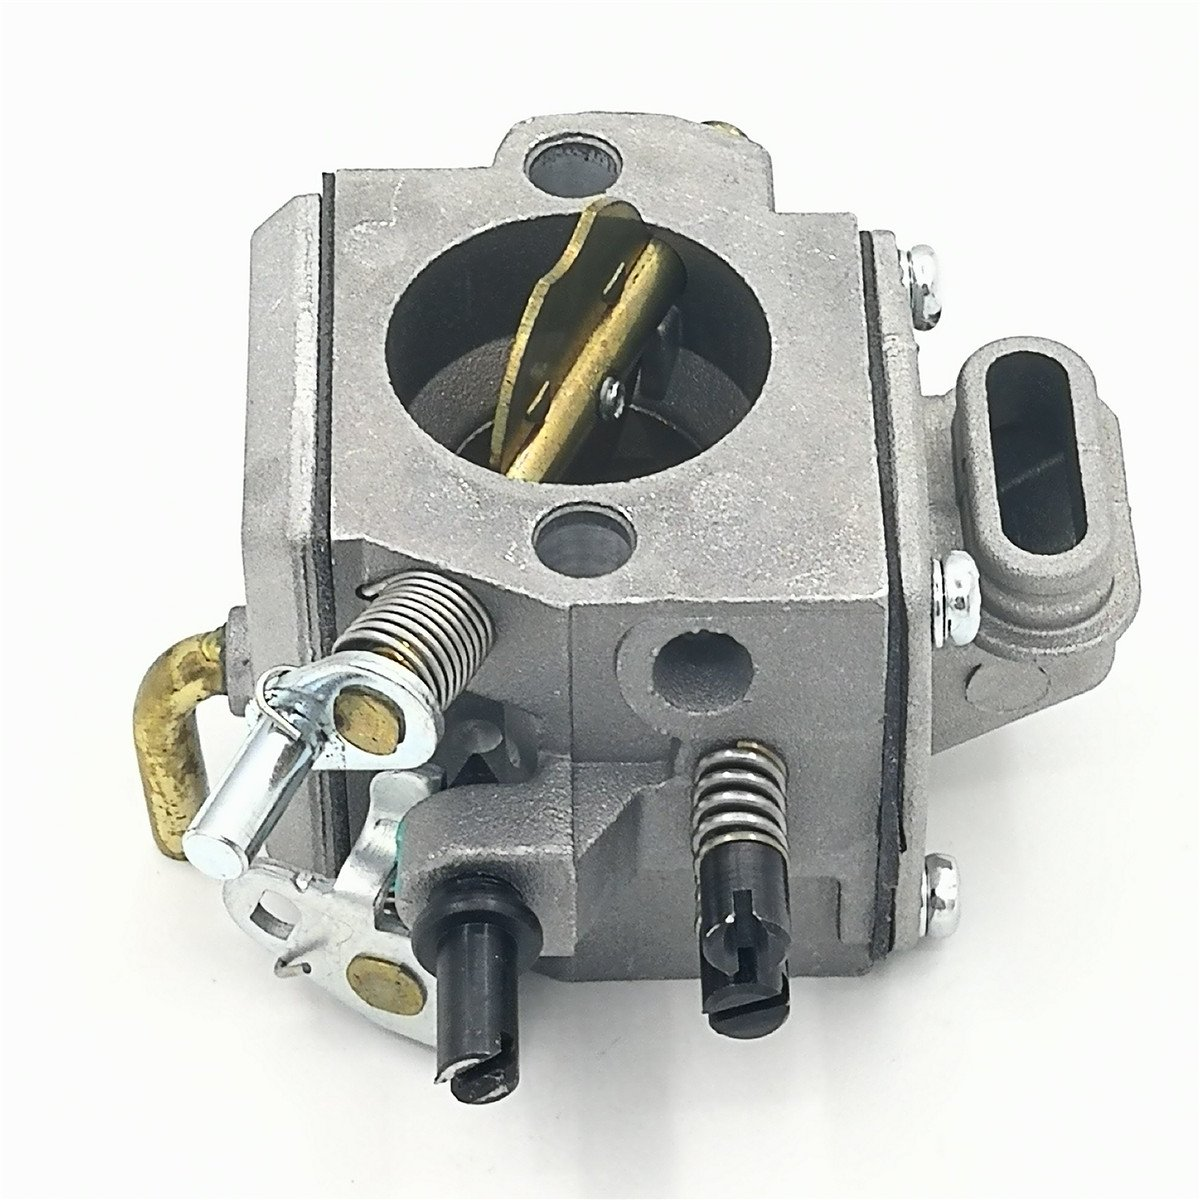 Shioshen carburatore per zama Stihl 044 046 MS440 MS460 gas motoseghe